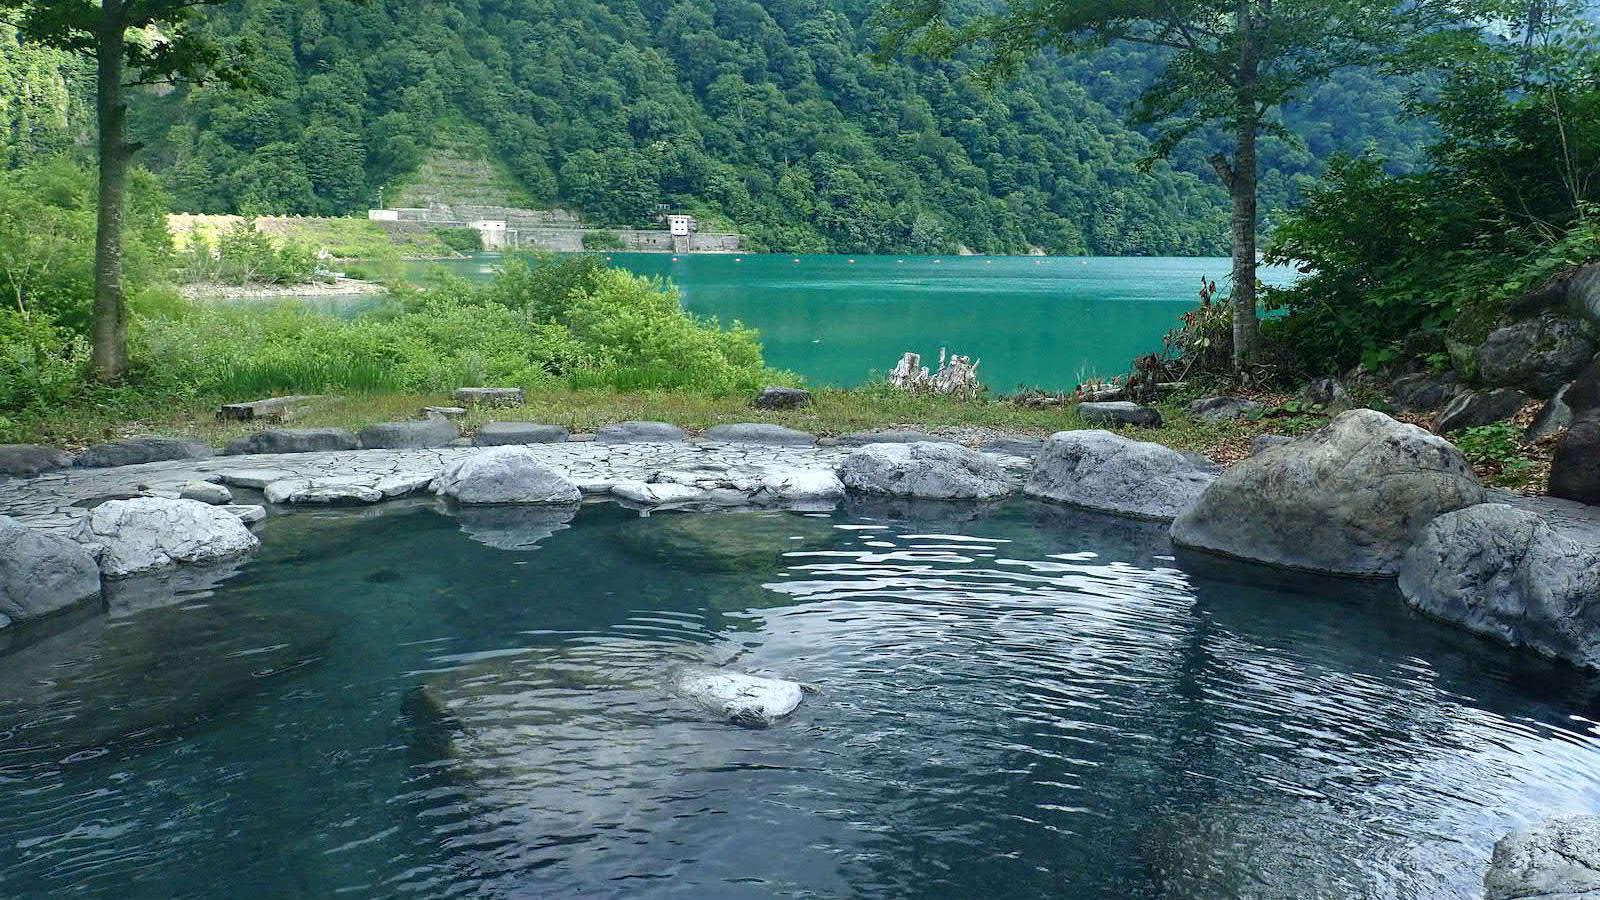 日本中を旅するアウトドアライターが紹介。野趣溢れるマニアックな8箇所の「秘湯」